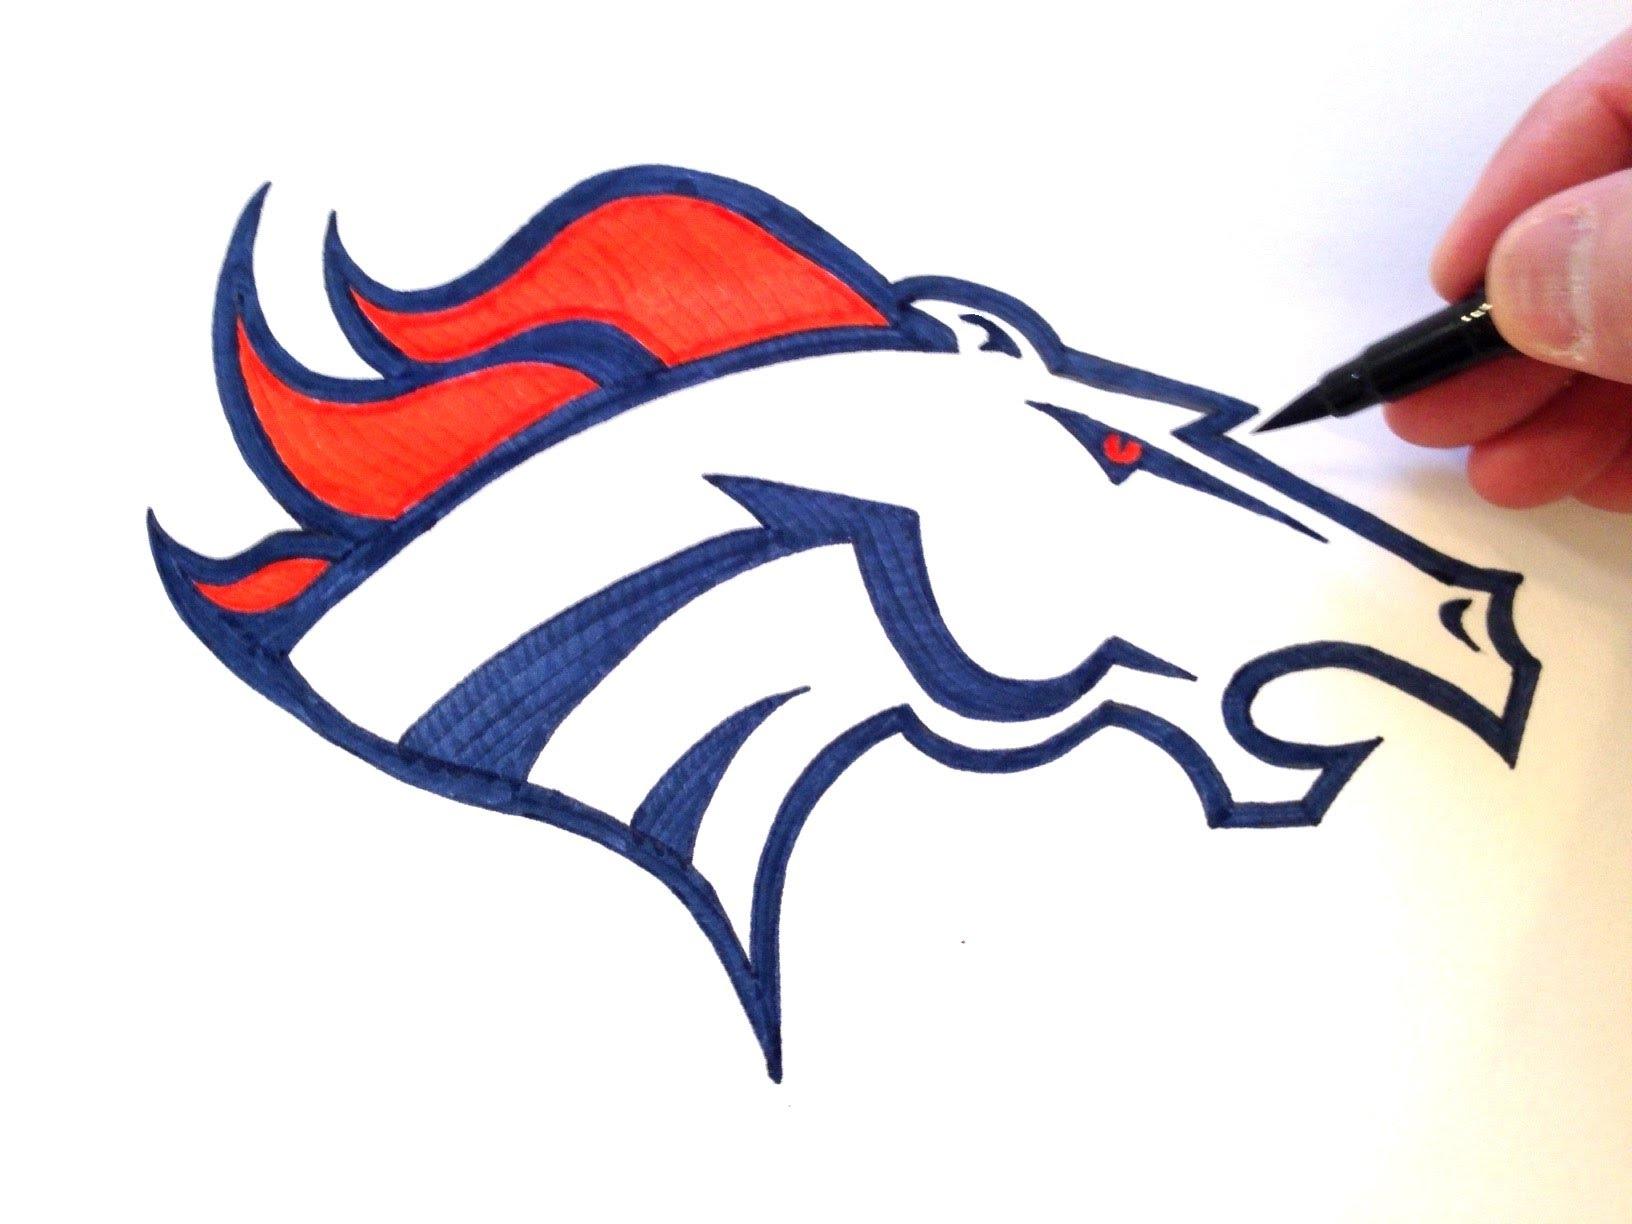 1632x1224 How To Draw The Denver Broncos Logo Freehand